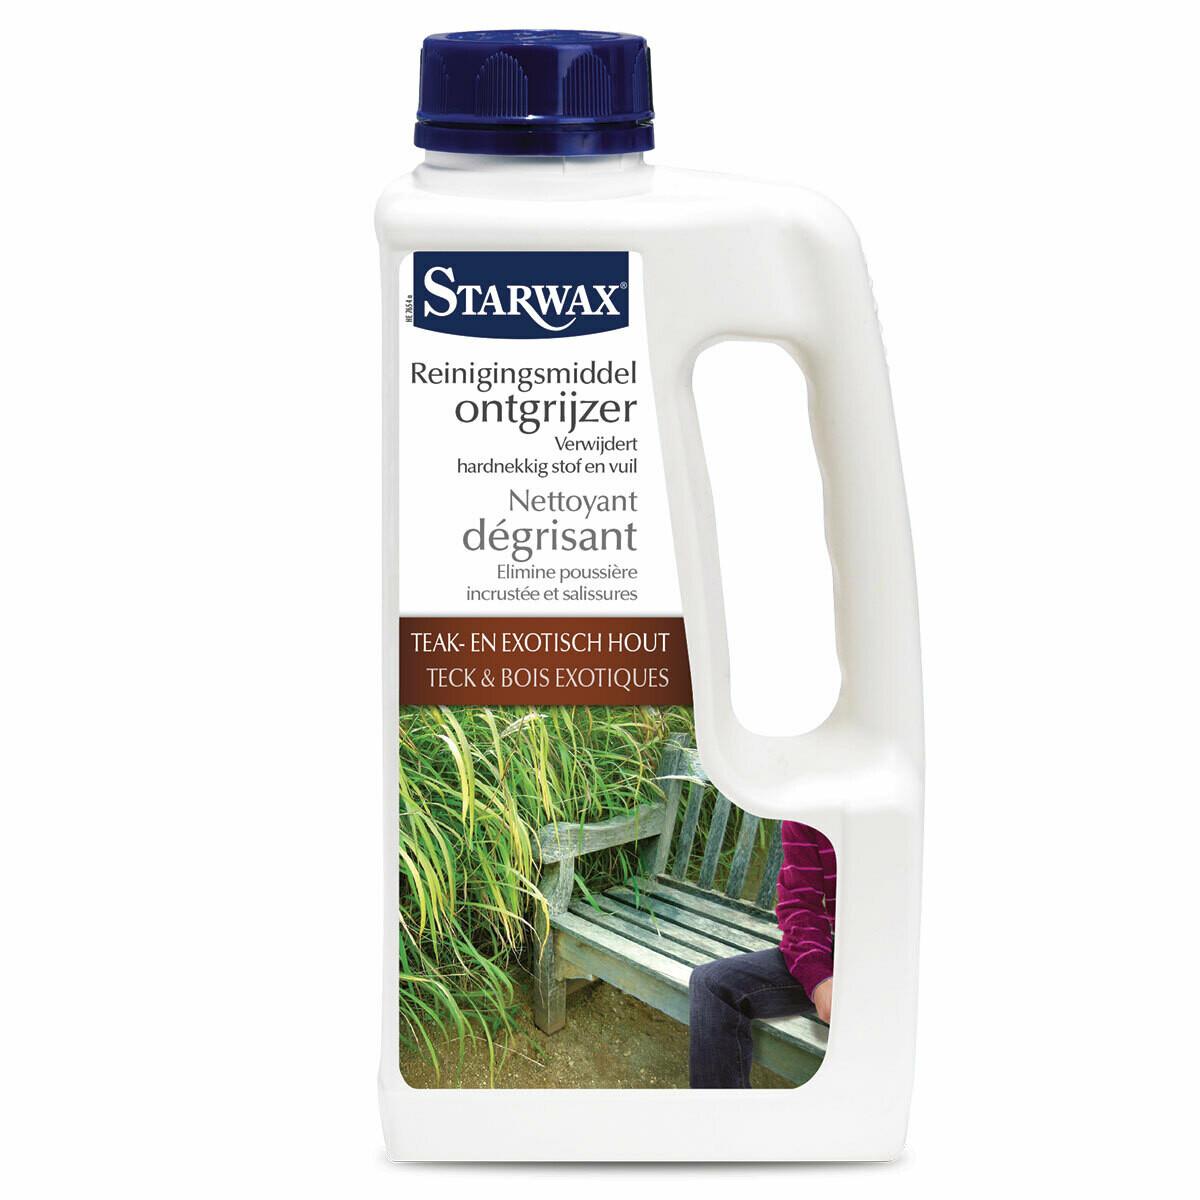 Starwax reinigingsmiddel ontgrijzer 1 L teak & exotisch hout